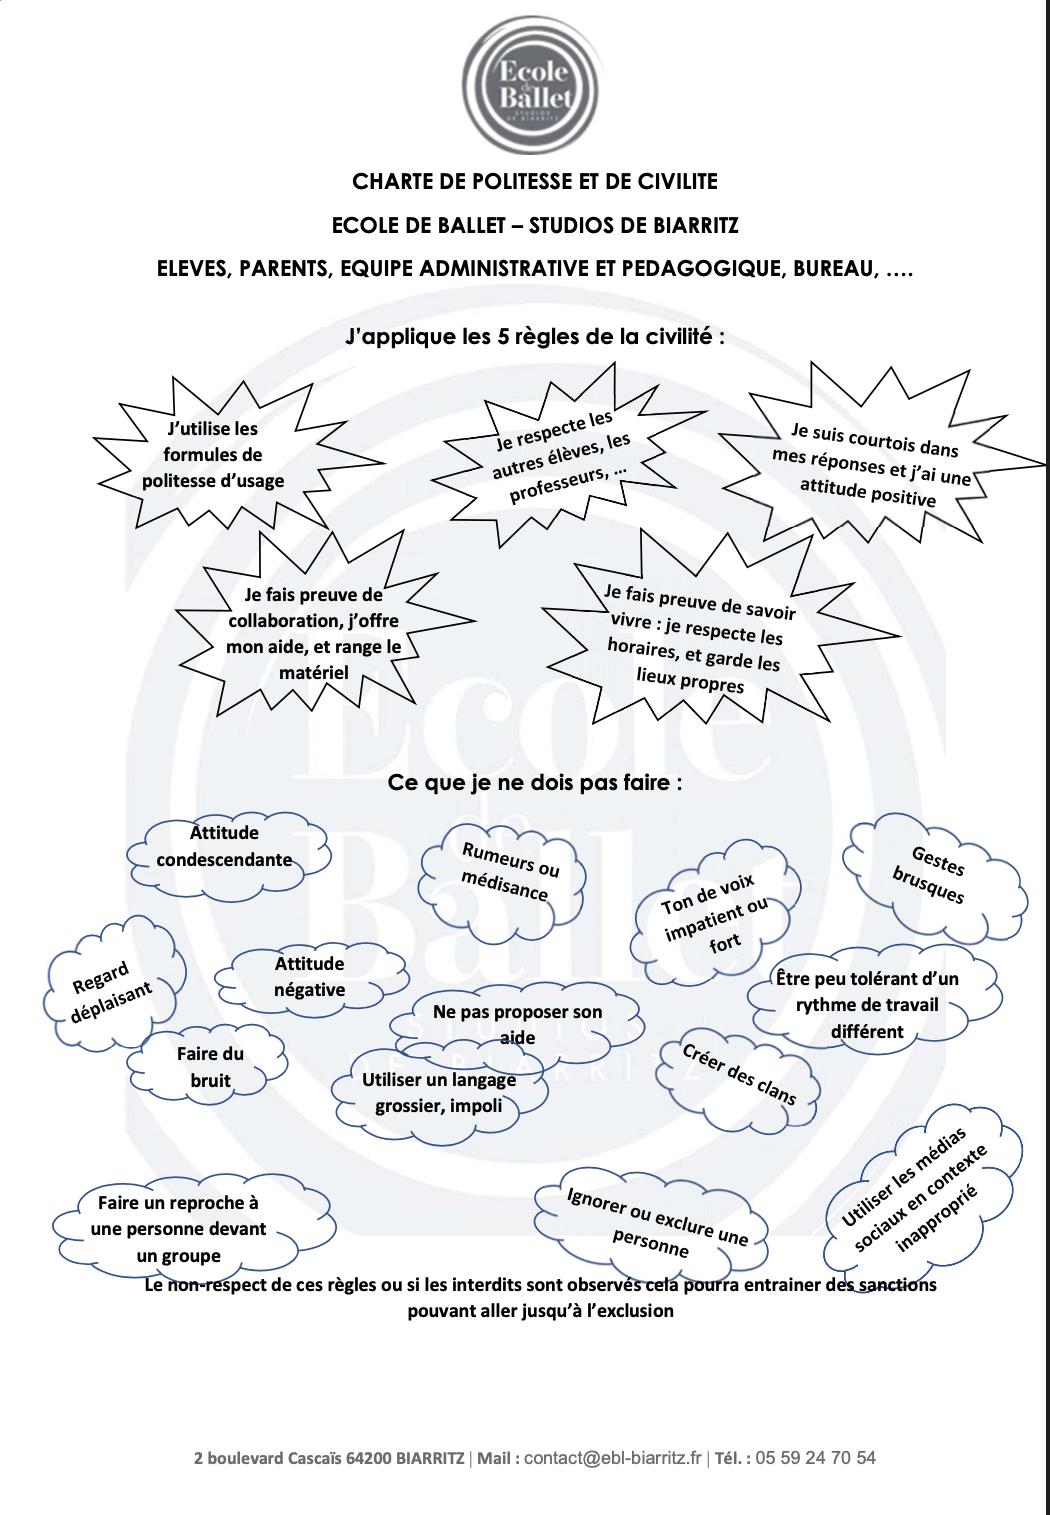 Charte de politesse de l'Ecole de Ballet Studios de Biarritz